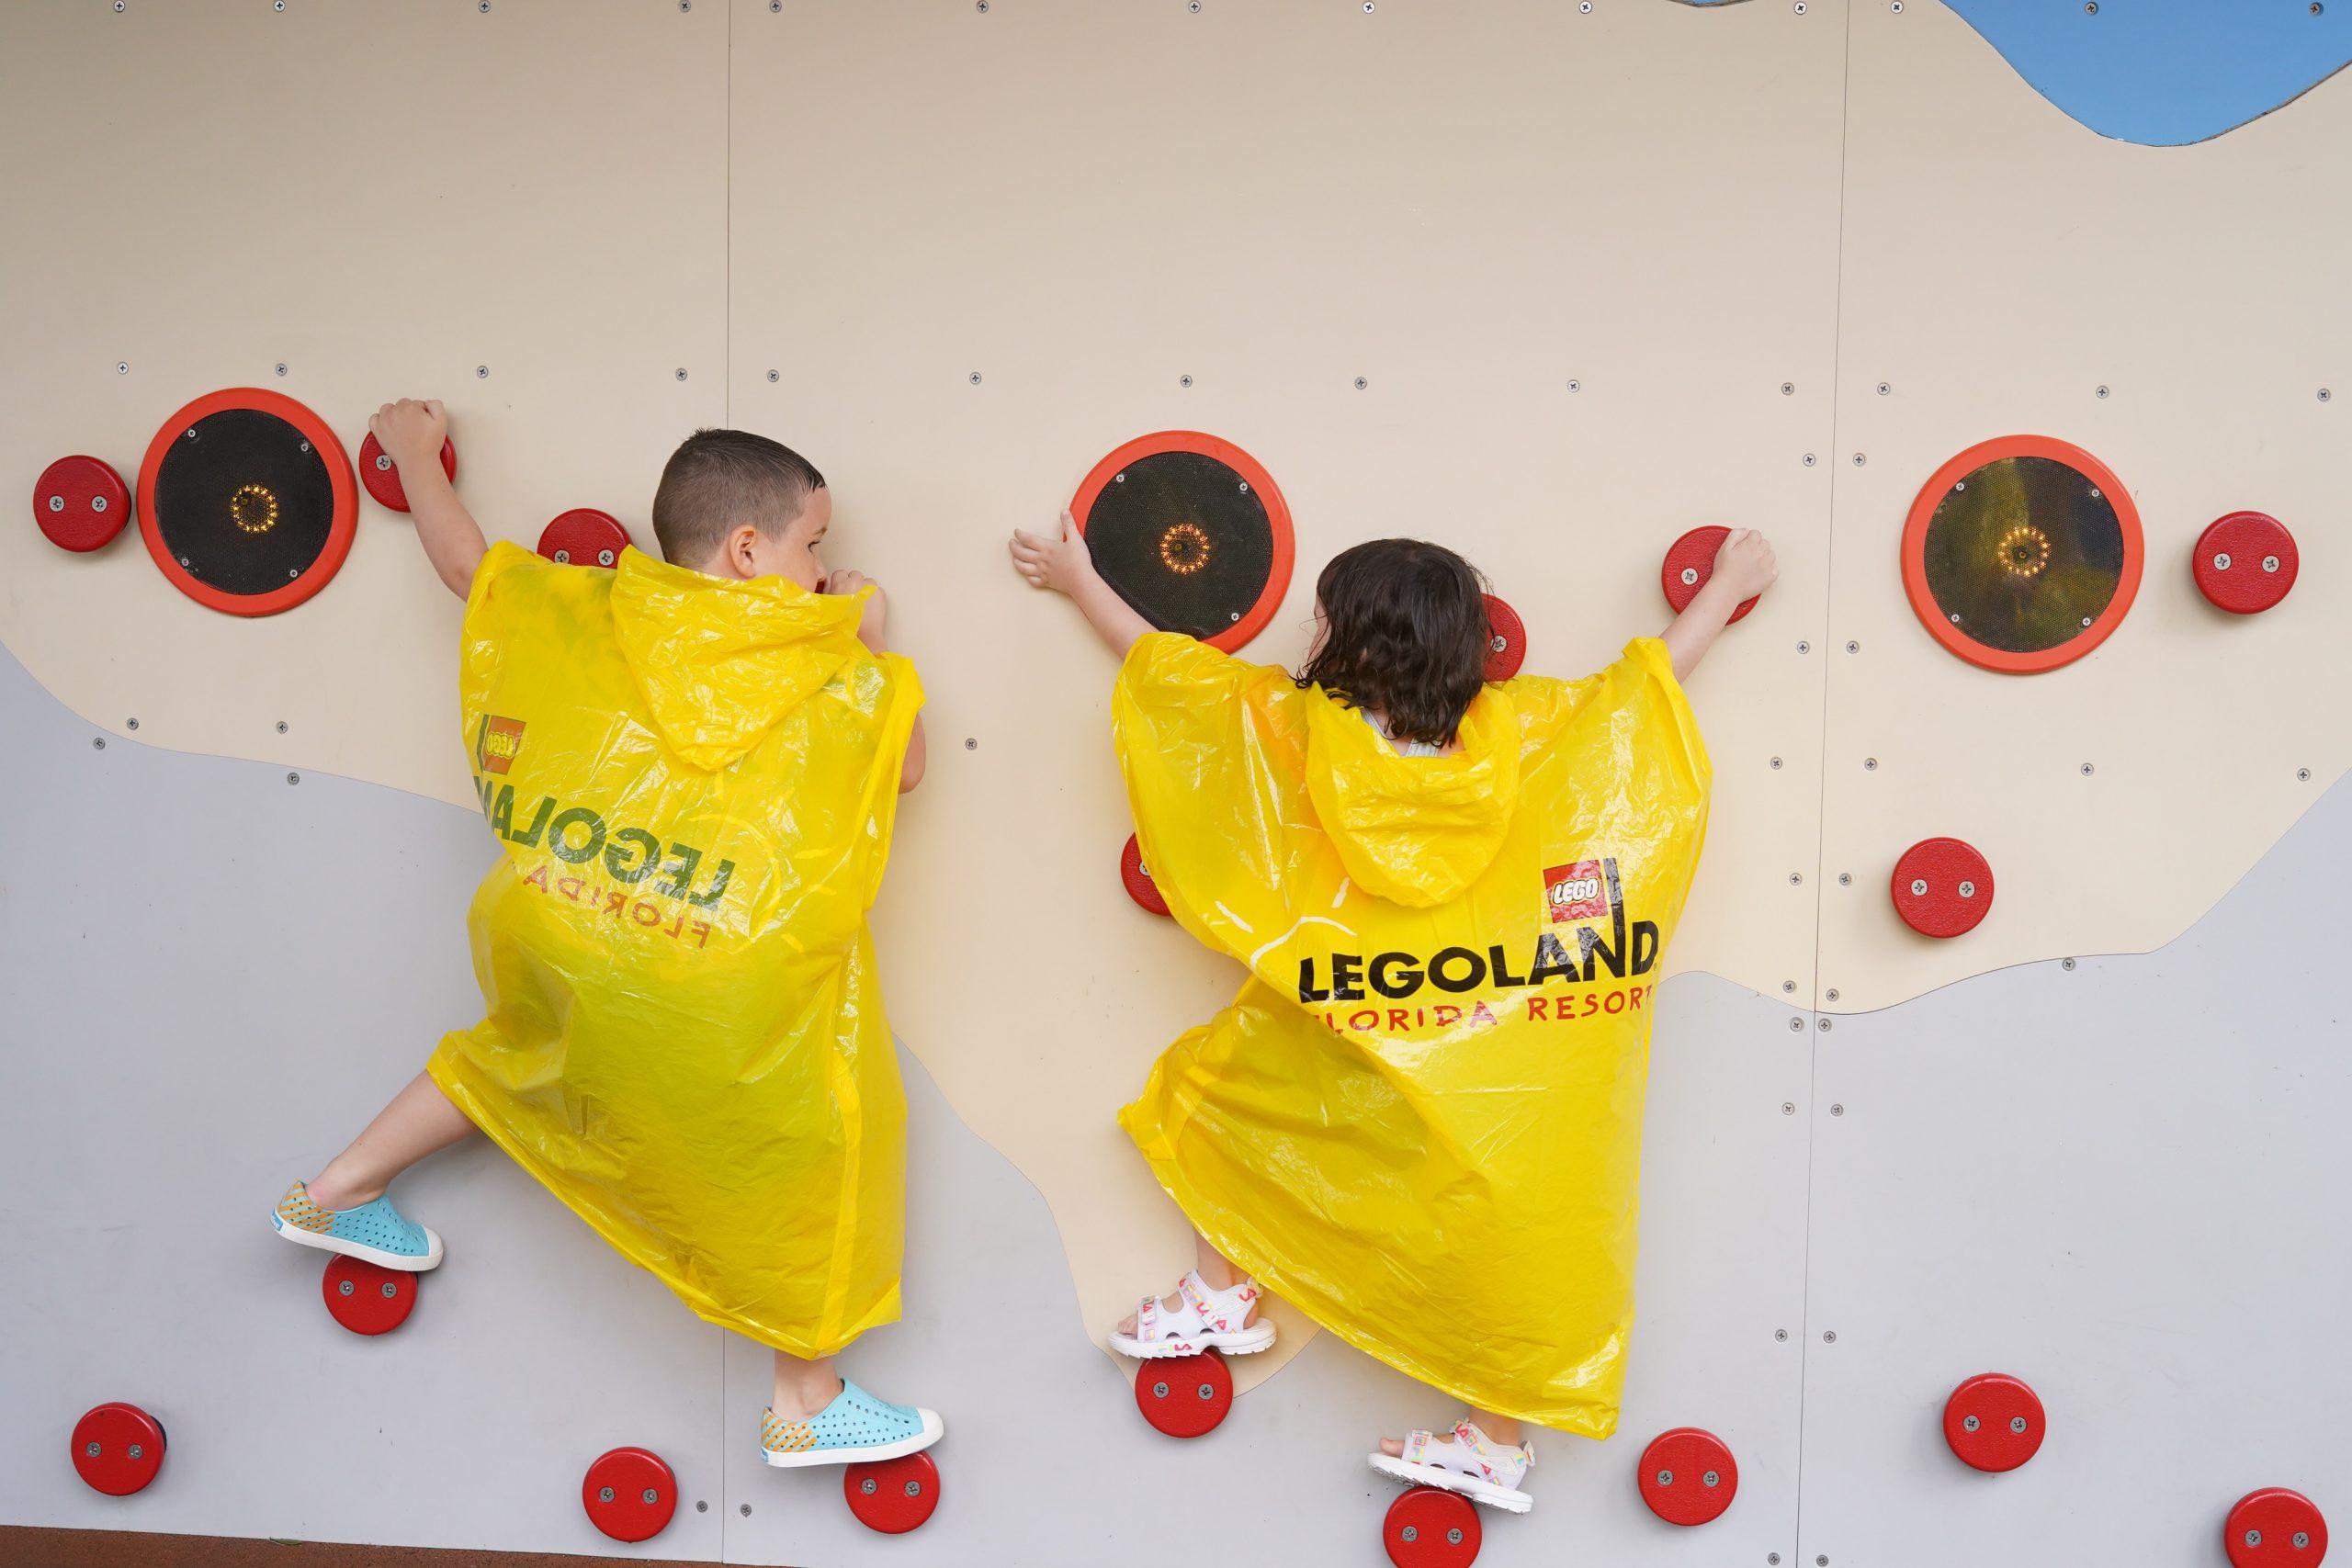 Two kids rock wall climbing at Ninjago world at LEGOLAND. | Guide to LEGOLAND Florida